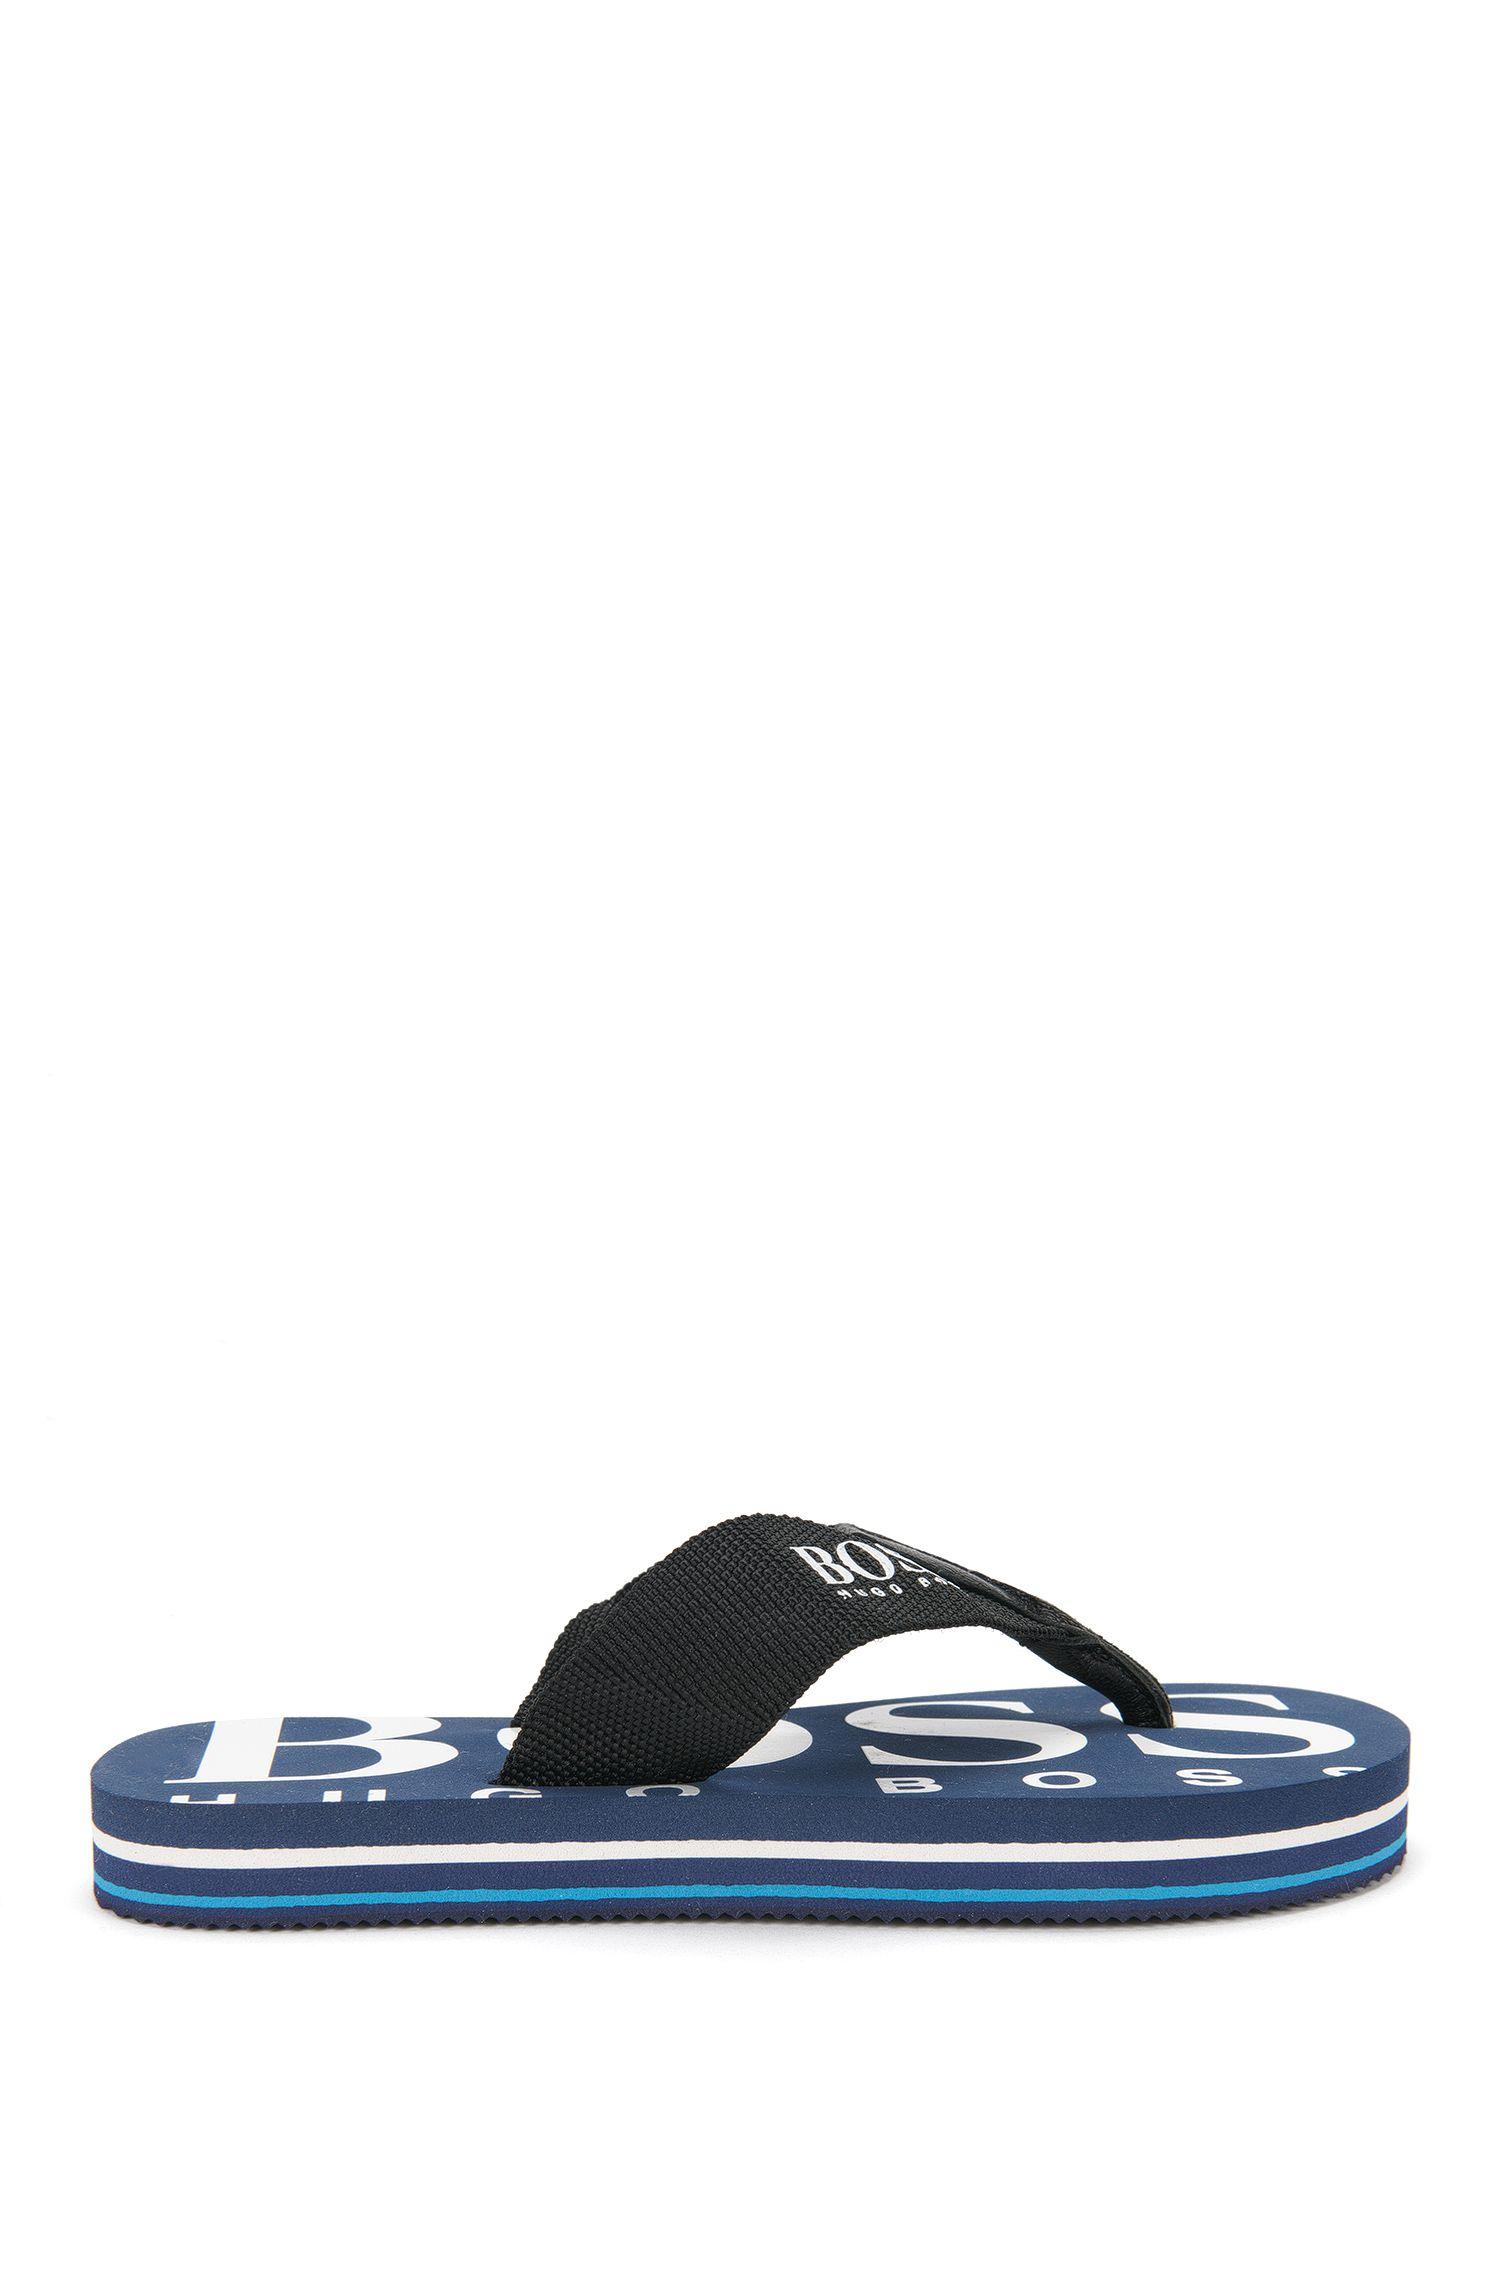 Sandalias para niño con detalles en piel: 'J29110'